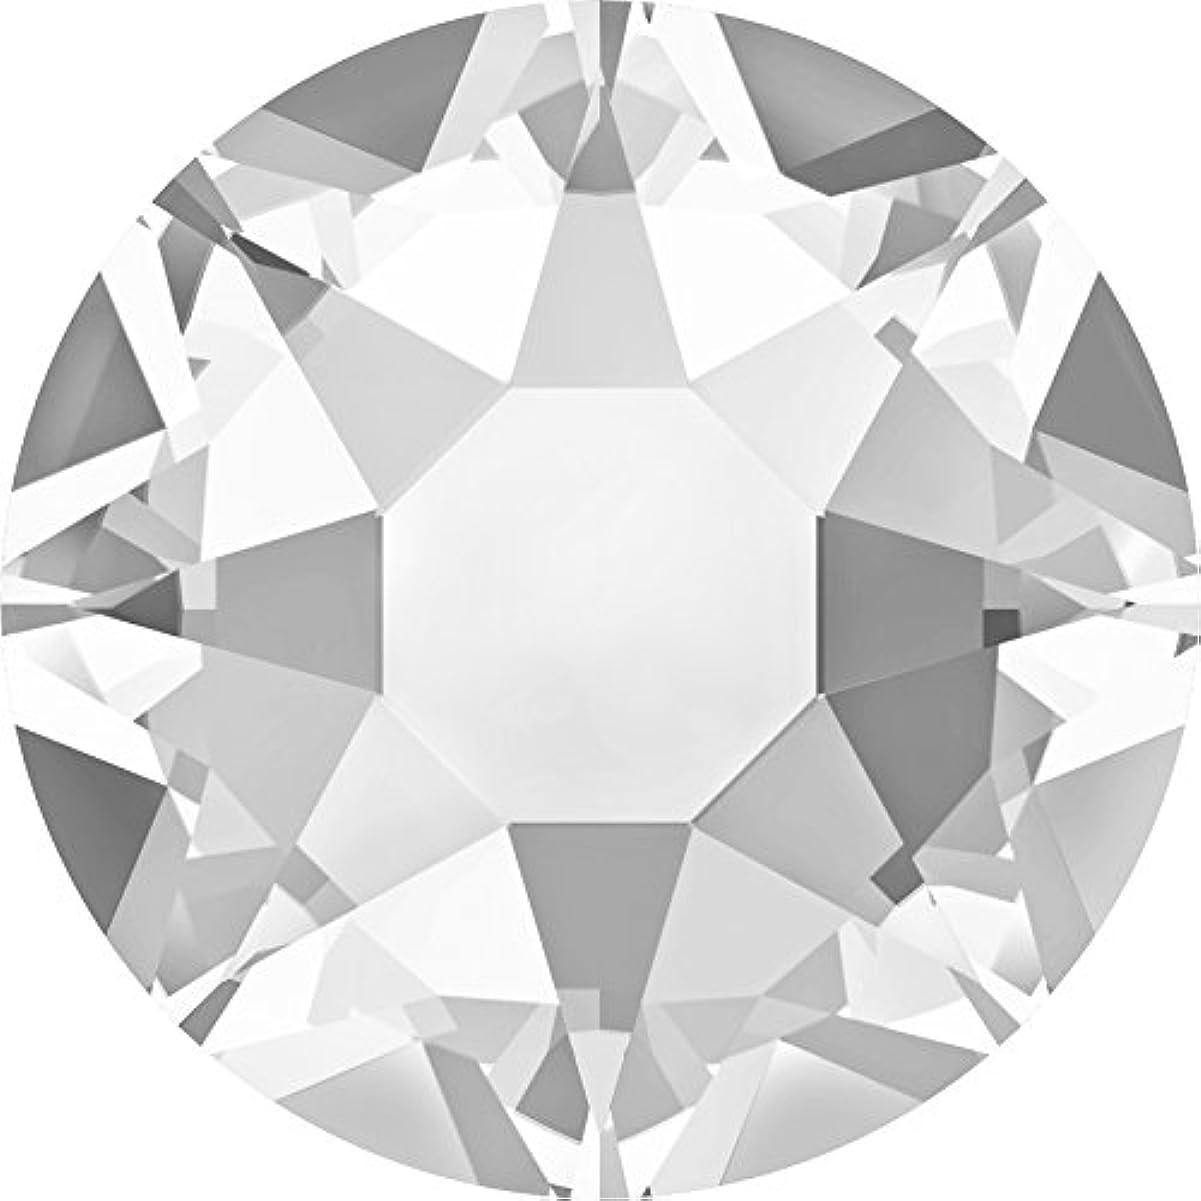 自然分泌する発掘するスワロフスキー(Swarovski) クリスタライズ ラインストーン 【ホットフィックス】布用スワロ (SS12(約3mm)40粒入, クリスタル)